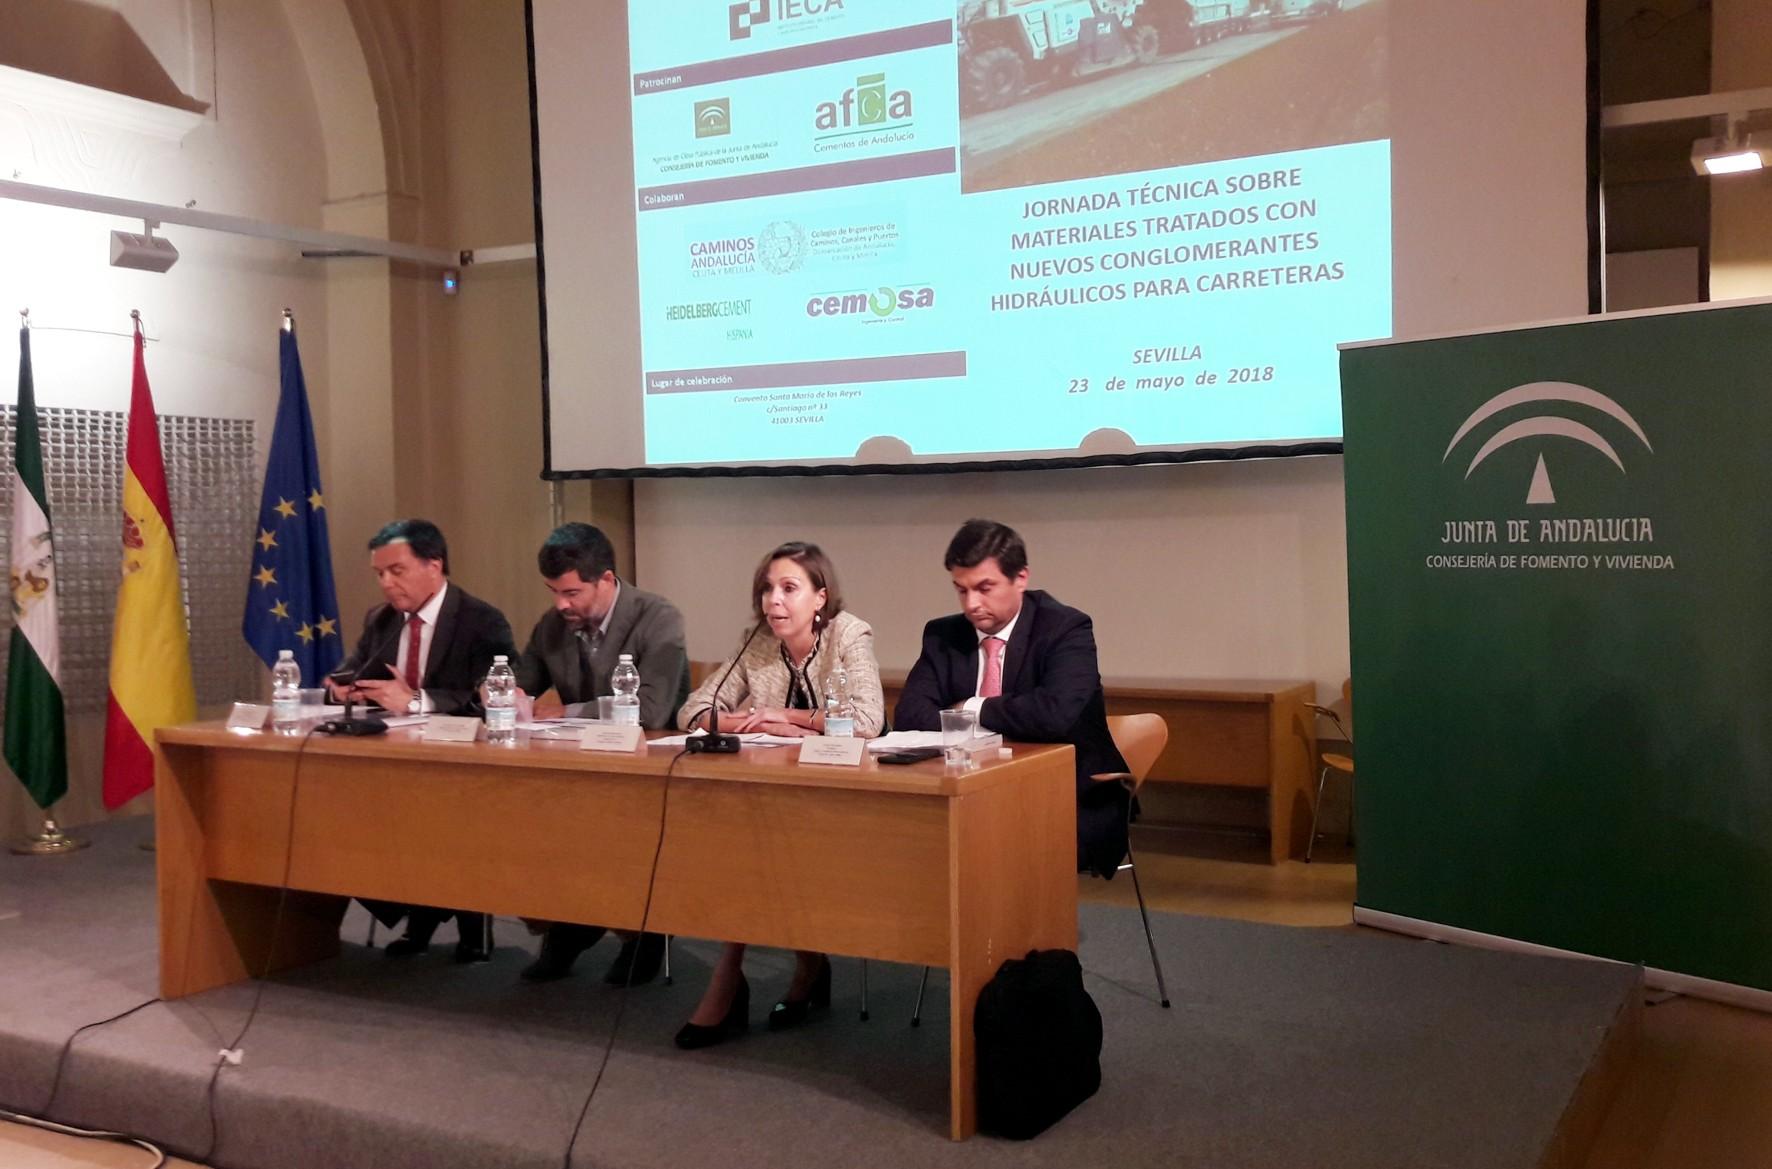 Inauguración de las Jornadas Técnicas organizadas por el IECA.